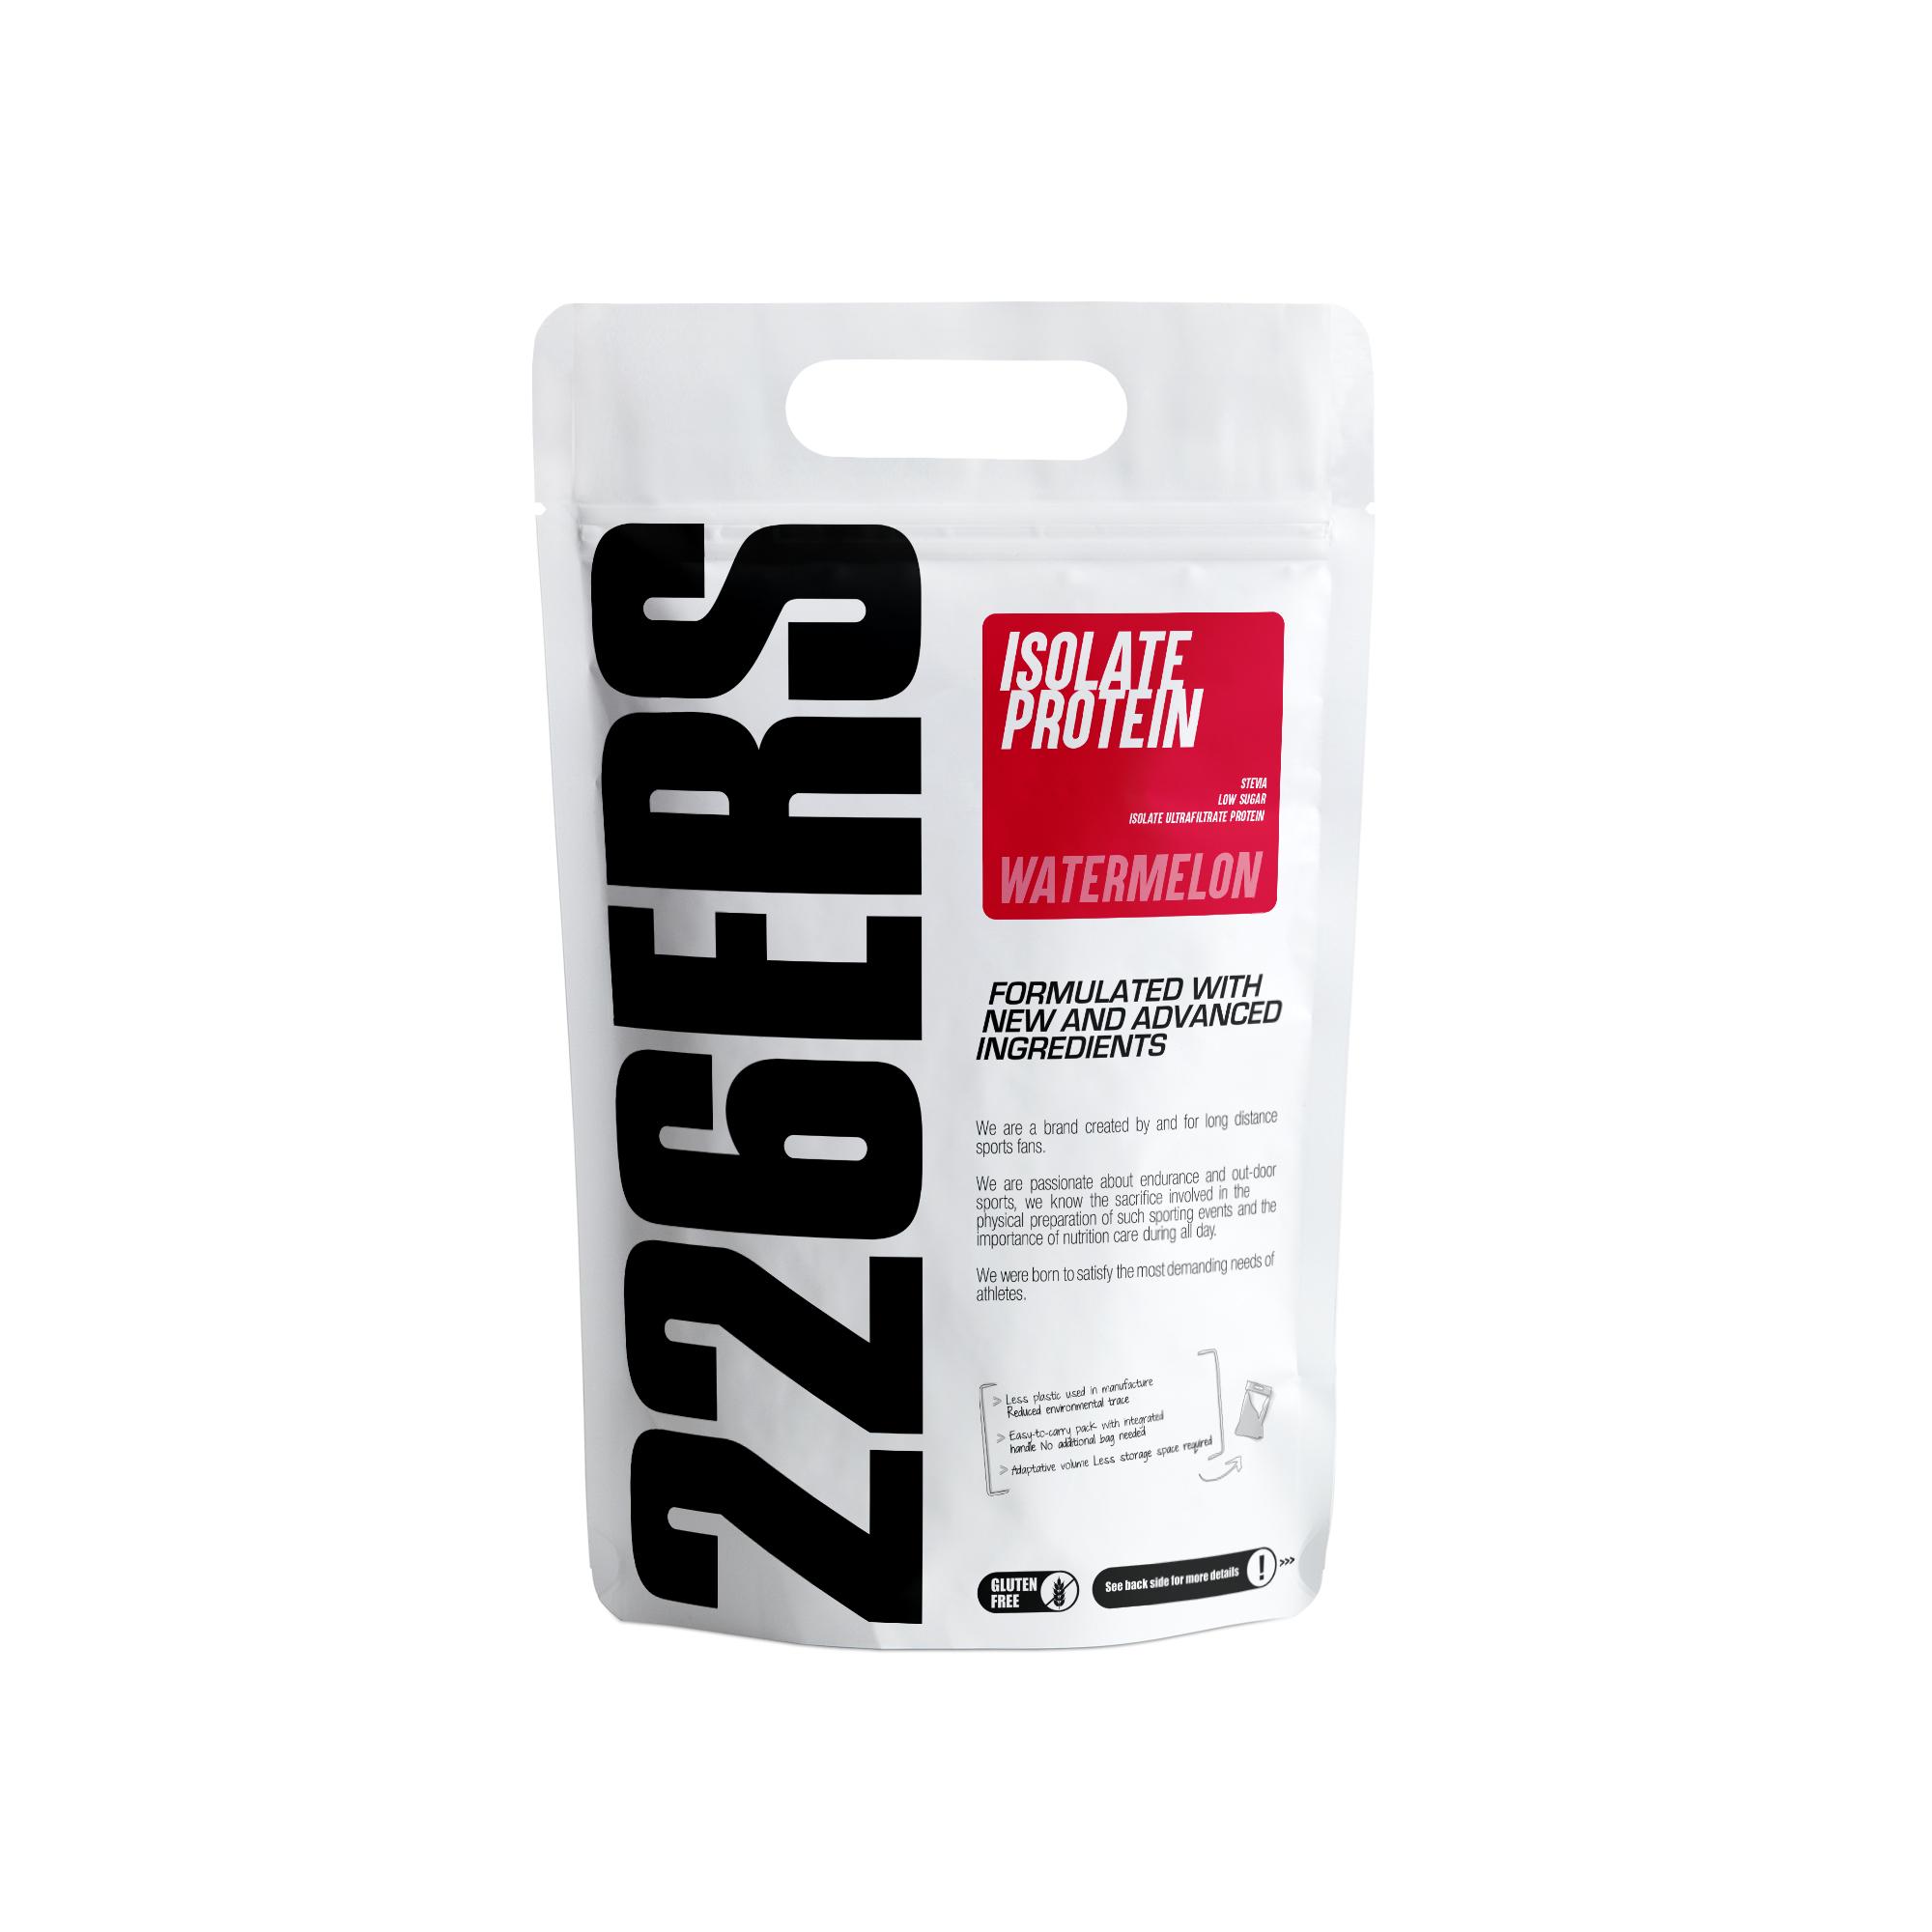 226ERS Isolate Protein | Proteína de Aislado de Suero de Leche Ultrafiltrada, Sin Gluten, Chocolate - 1000 gr